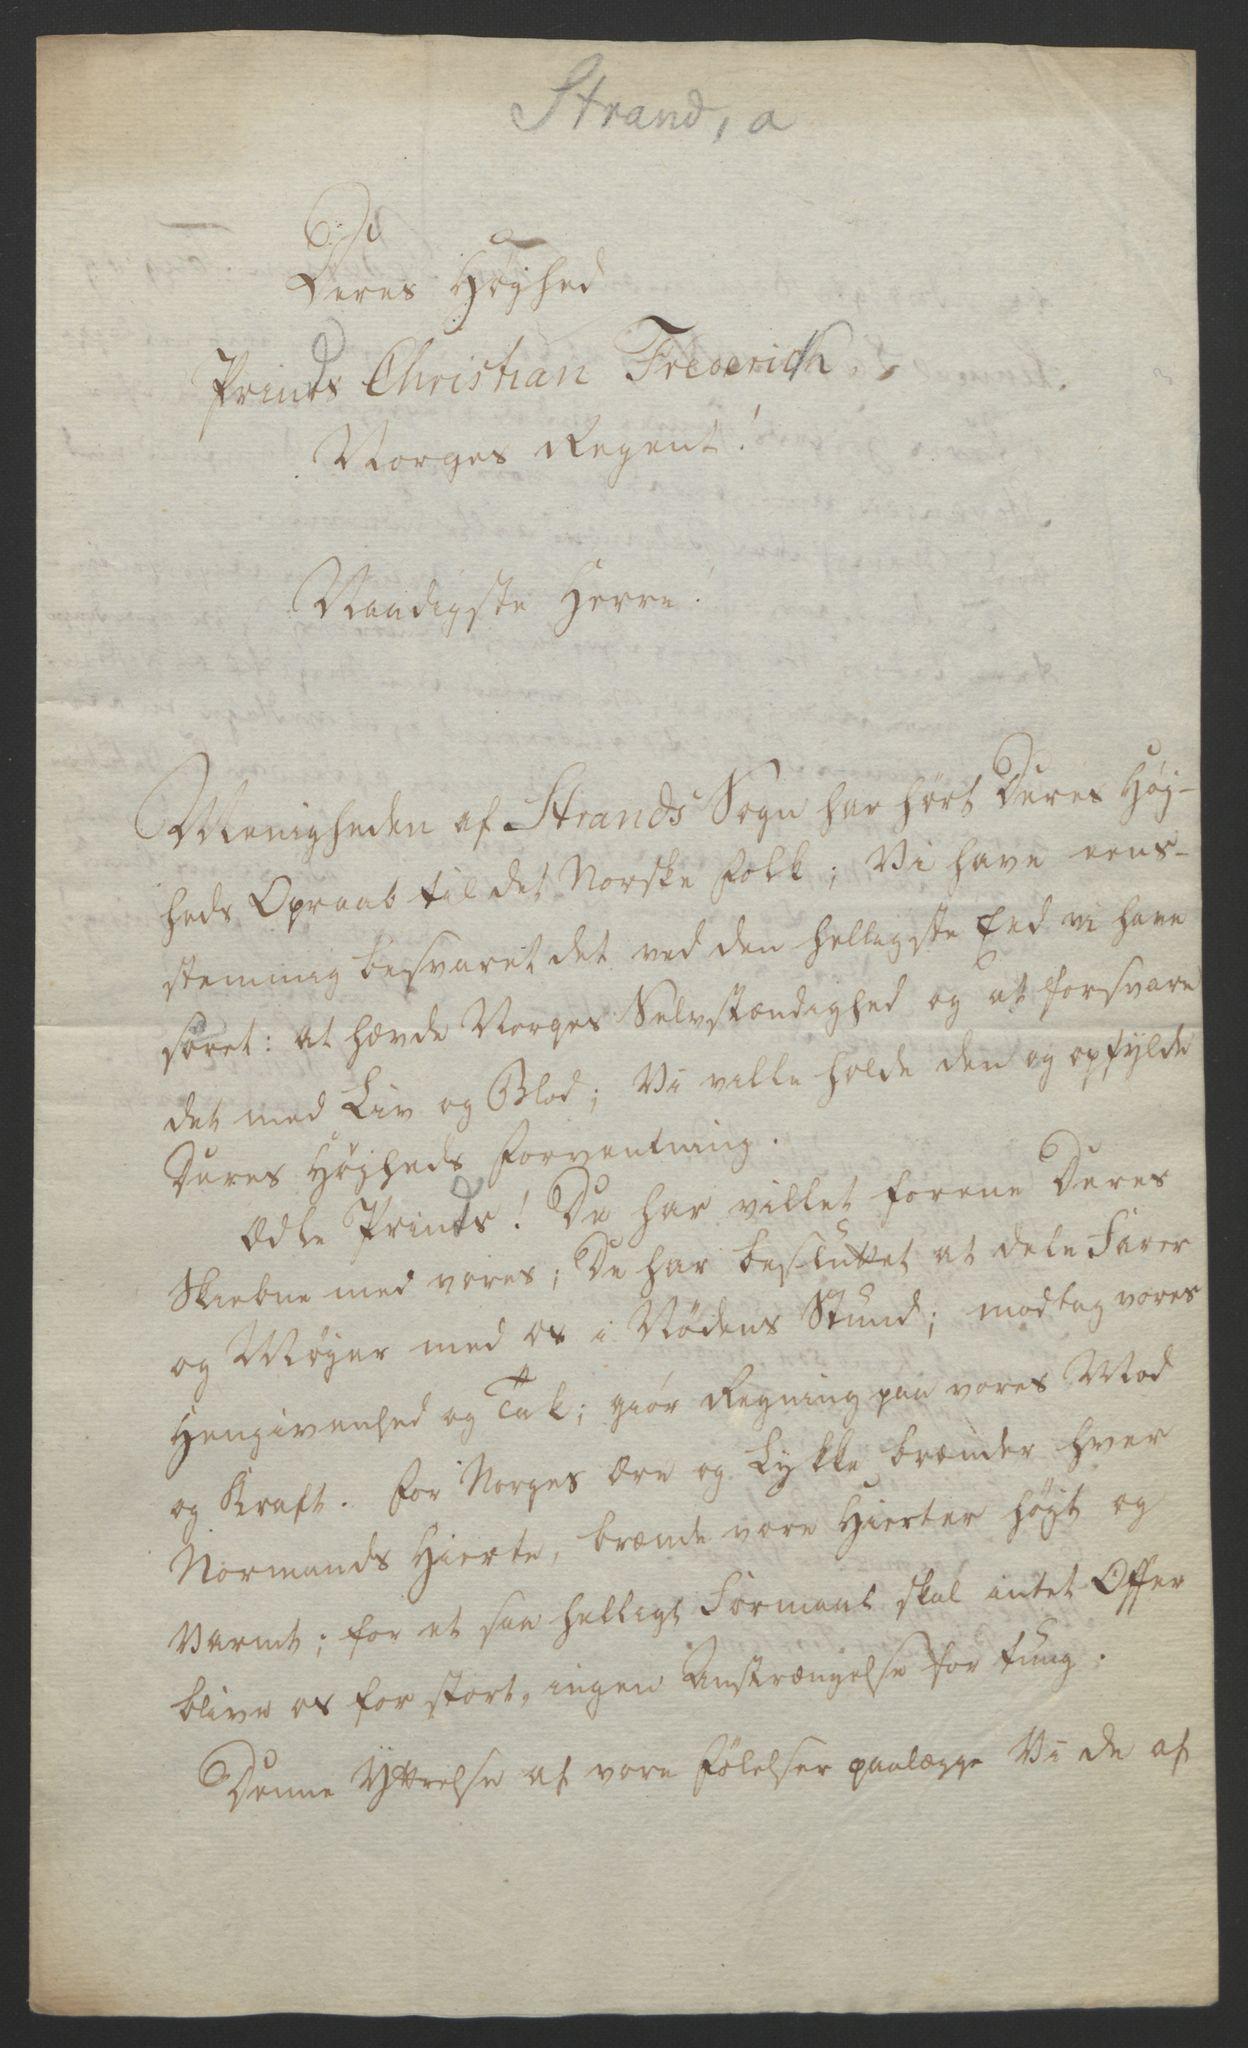 RA, Statsrådssekretariatet, D/Db/L0008: Fullmakter for Eidsvollsrepresentantene i 1814. , 1814, s. 252